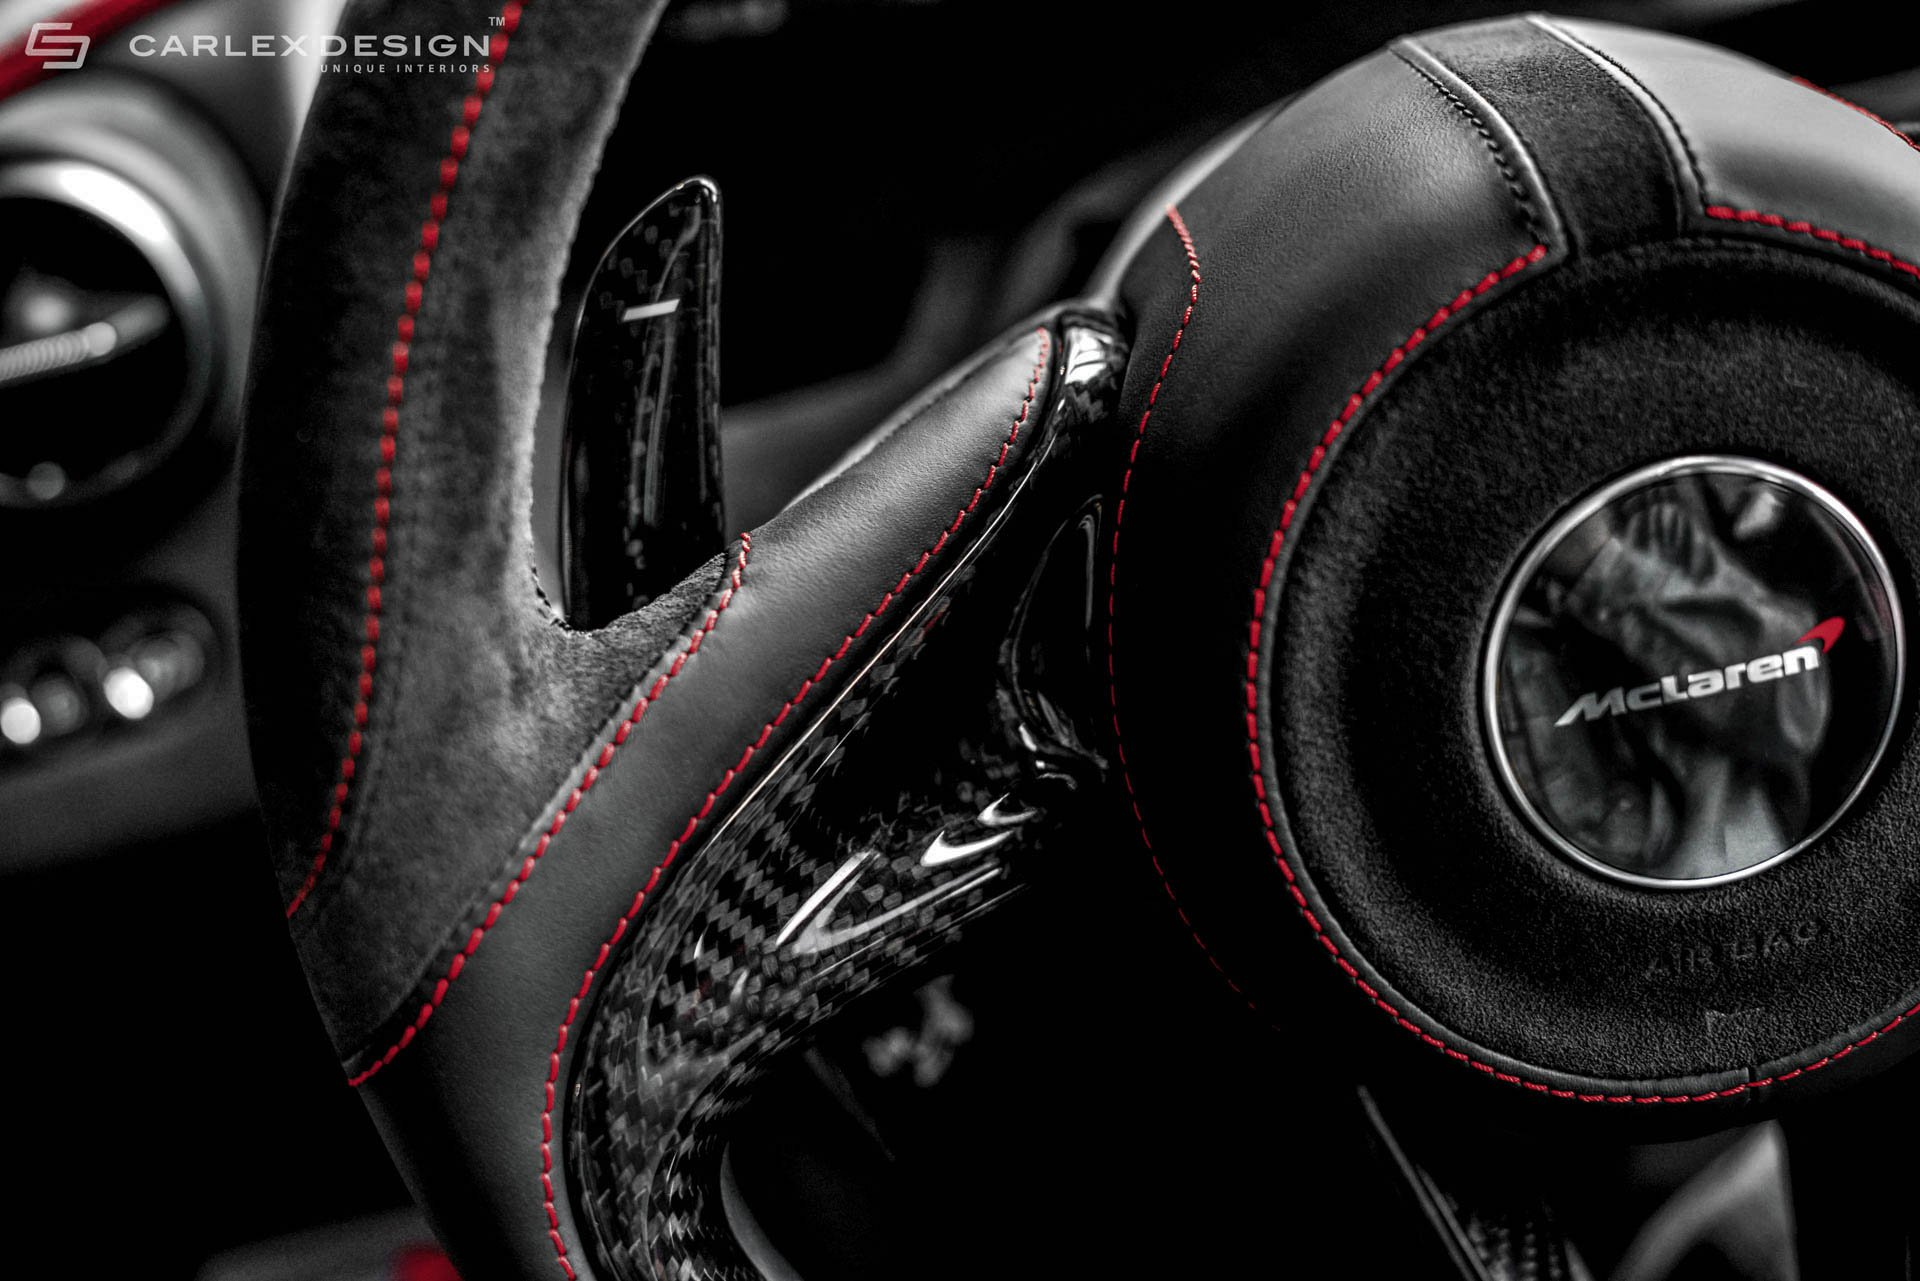 McLaren_720S_Carlex_design_0005